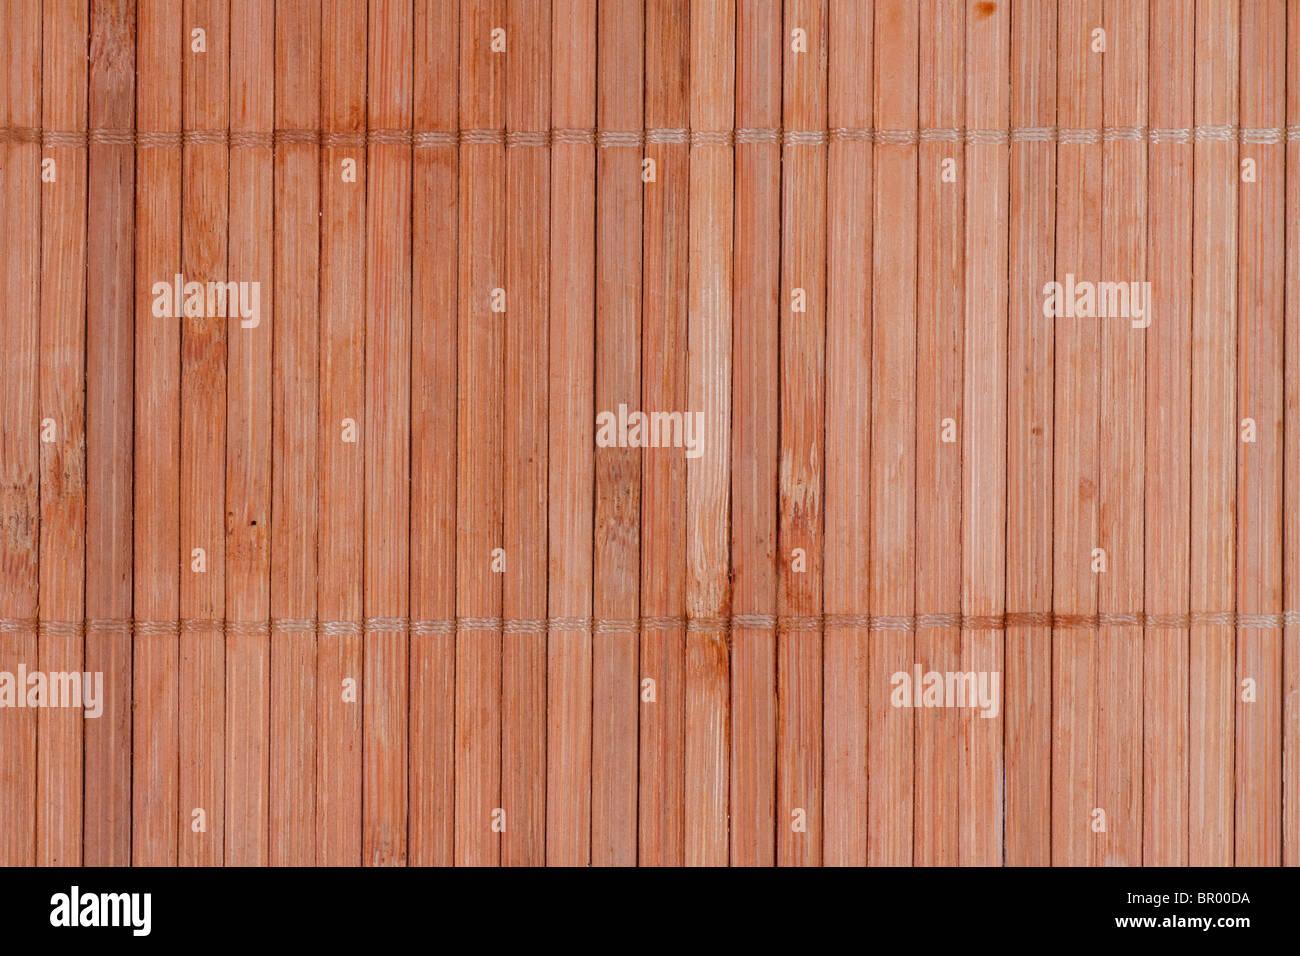 Fondo de bambú junta. patrón horizontal. agradable textura. Imagen De Stock